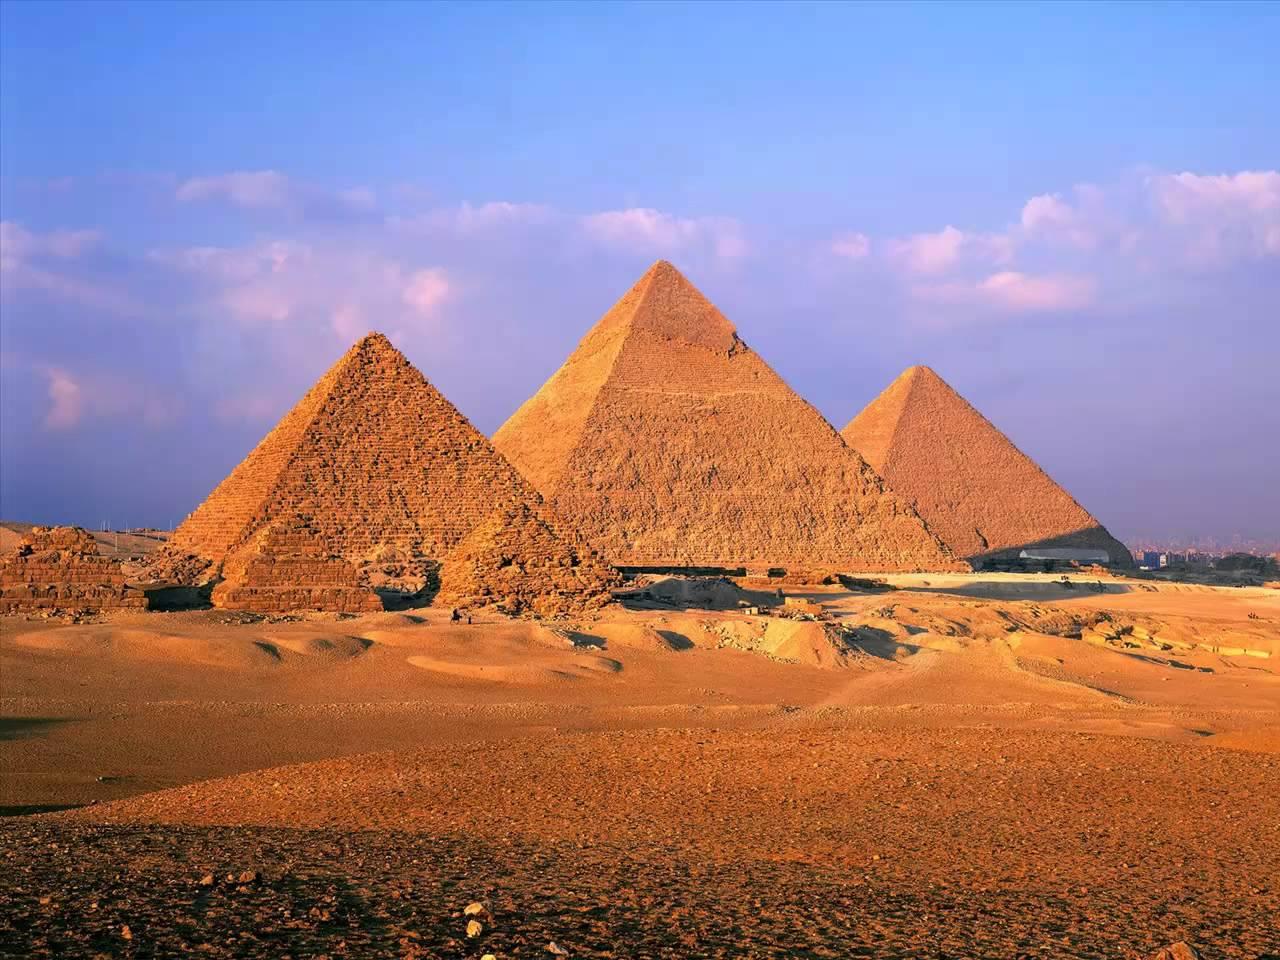 7. Egypt